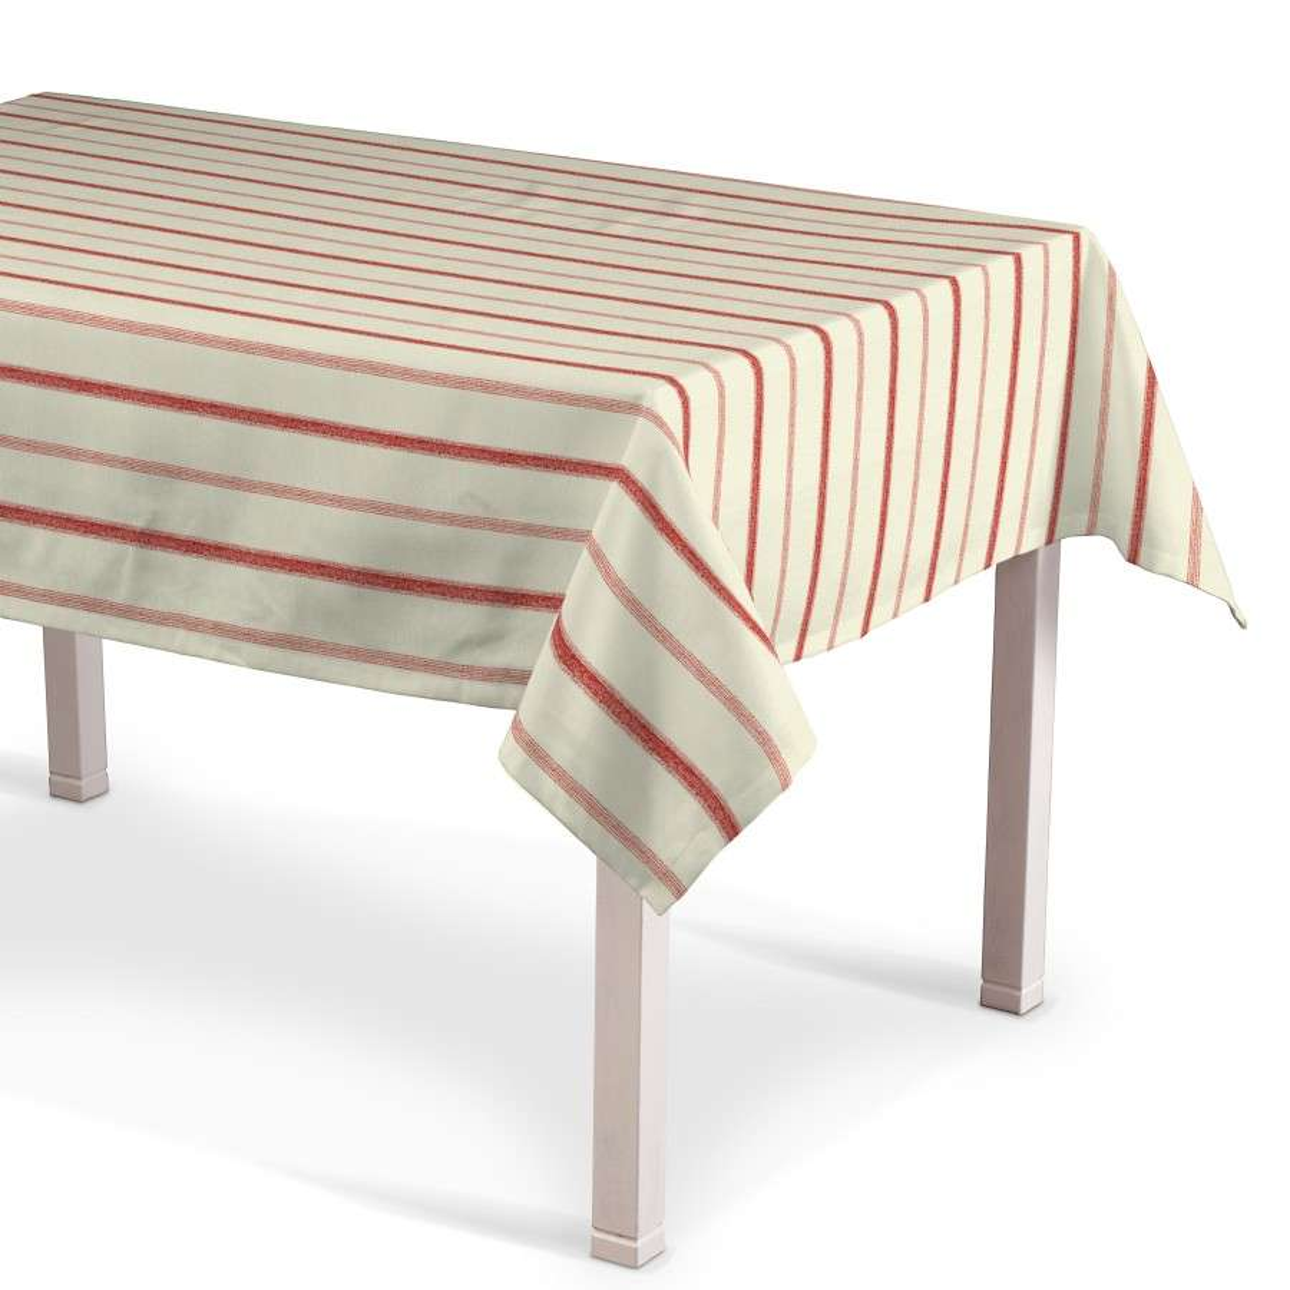 Rektangulær bordduk 130 x 130 cm fra kolleksjonen Avinon, Stoffets bredde: 129-15